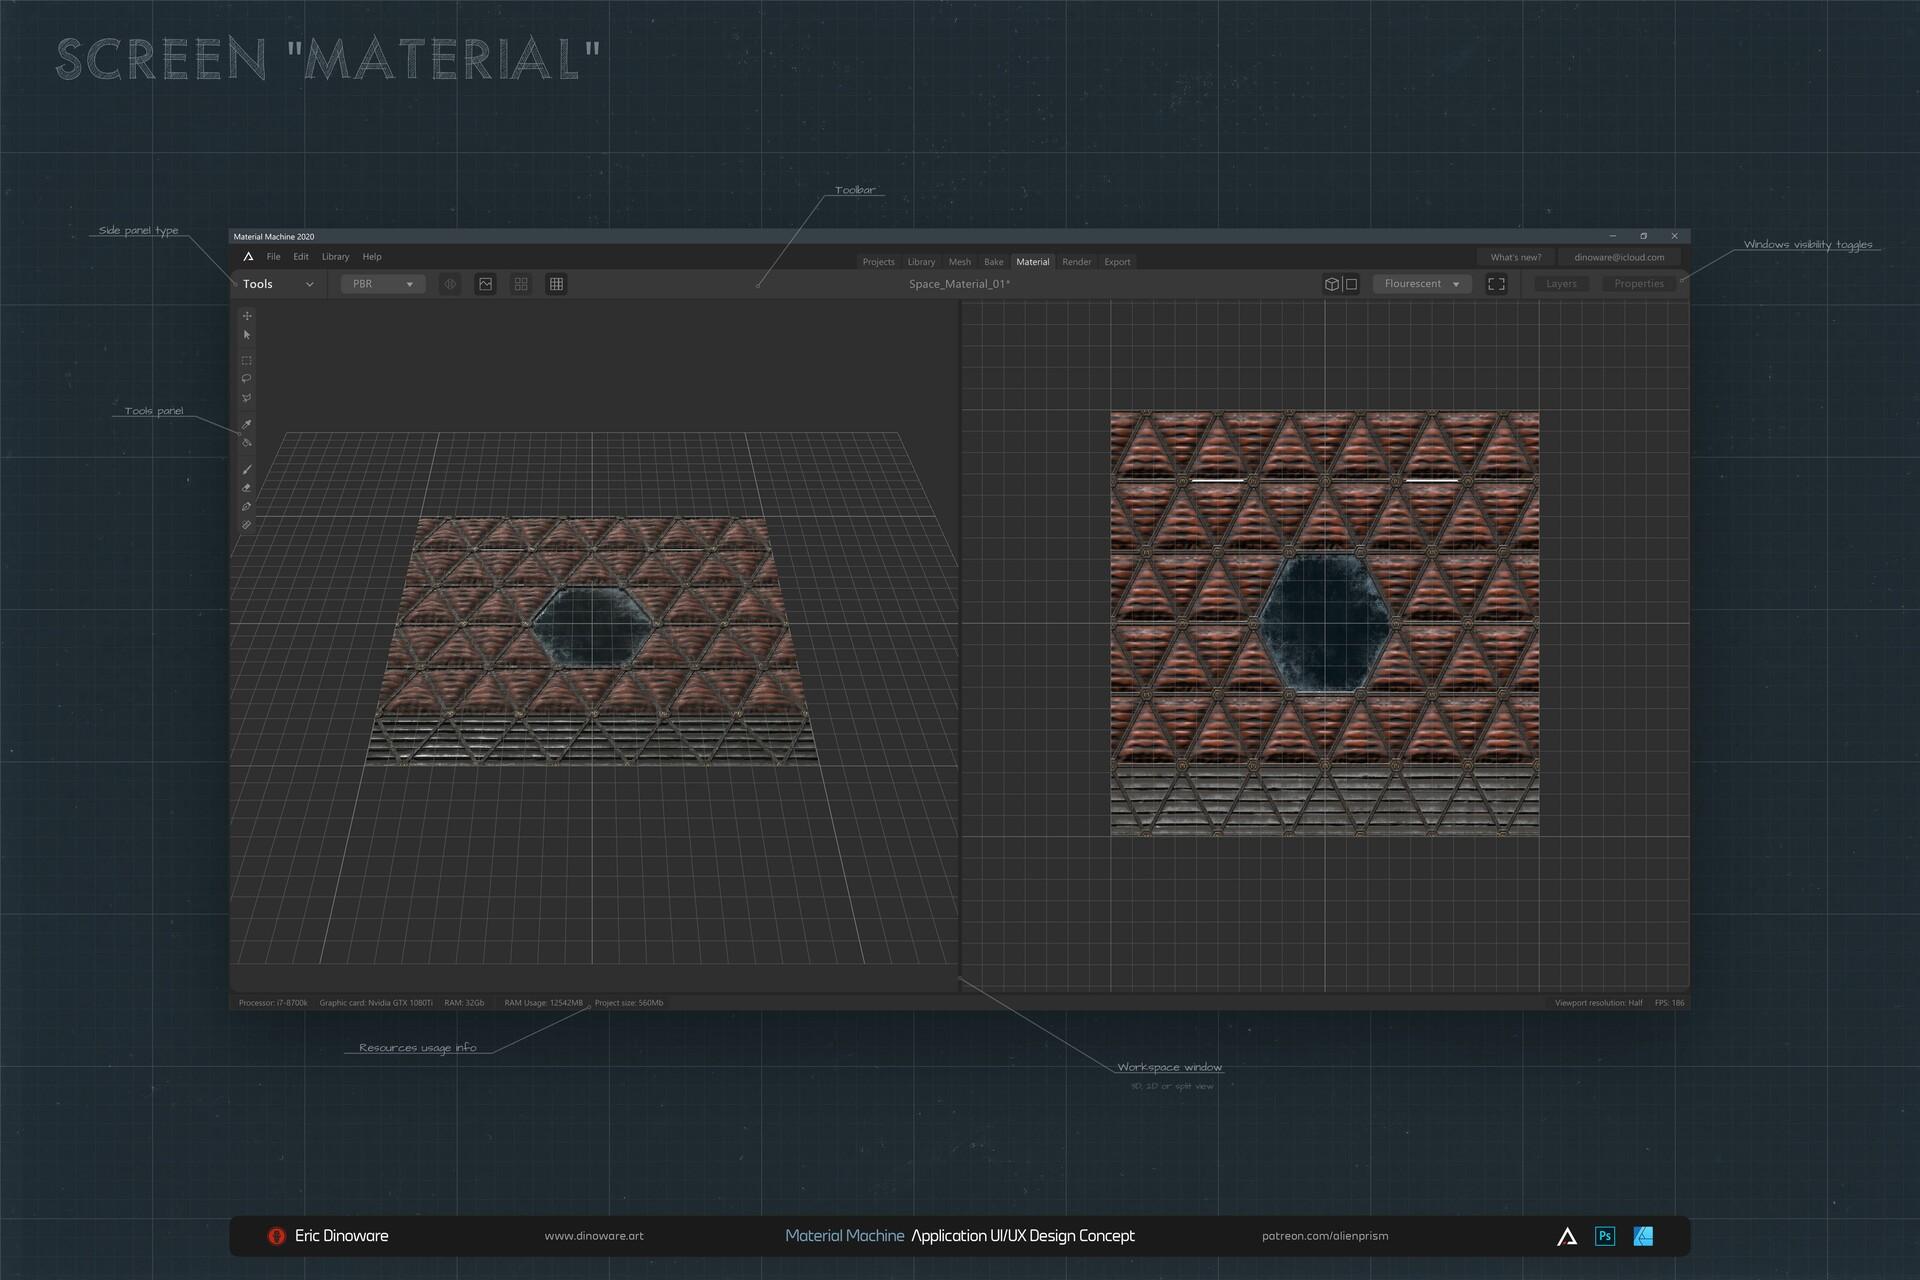 Screen: Material